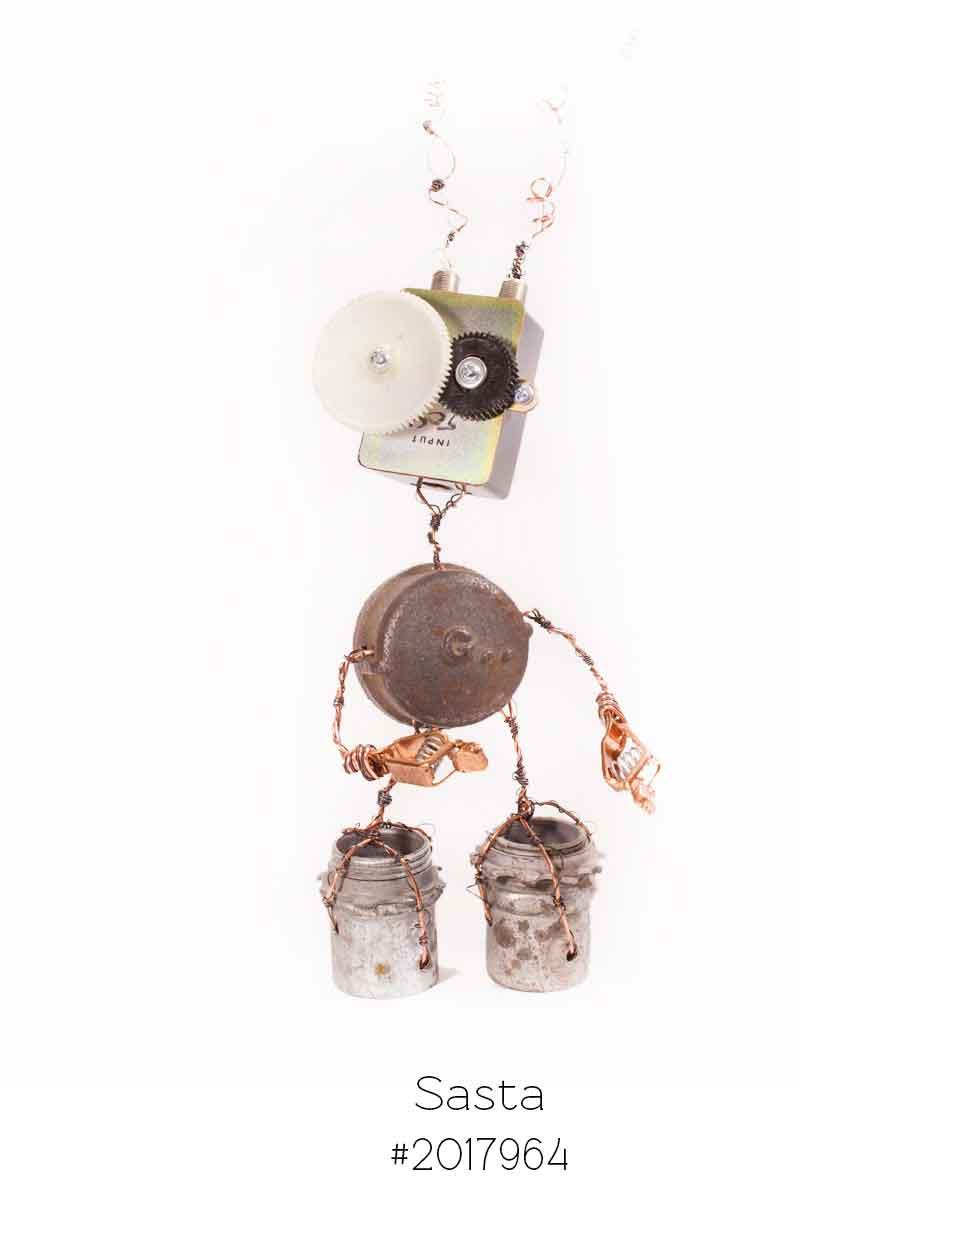 sasta-1